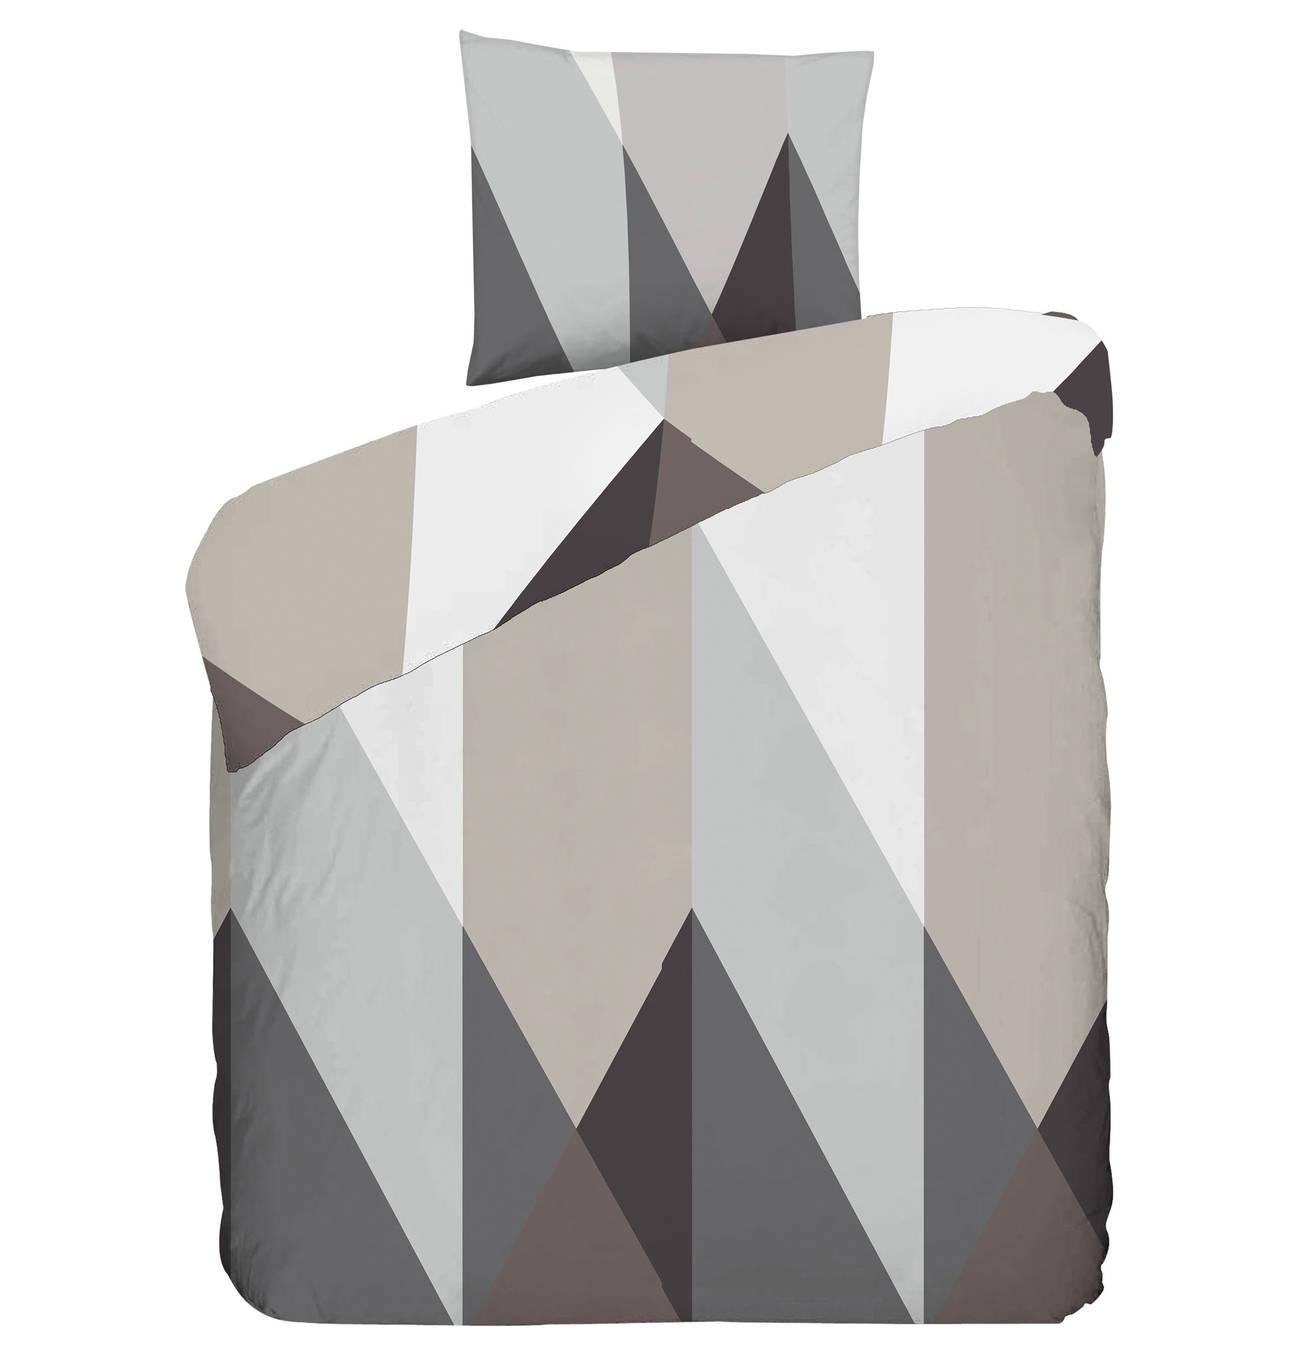 Bettwaschegarnitur Rhombus 100 Baumwolle Geometrisches Muster Mako Satin Satin Bettwasche Satin Und Rautenmuster